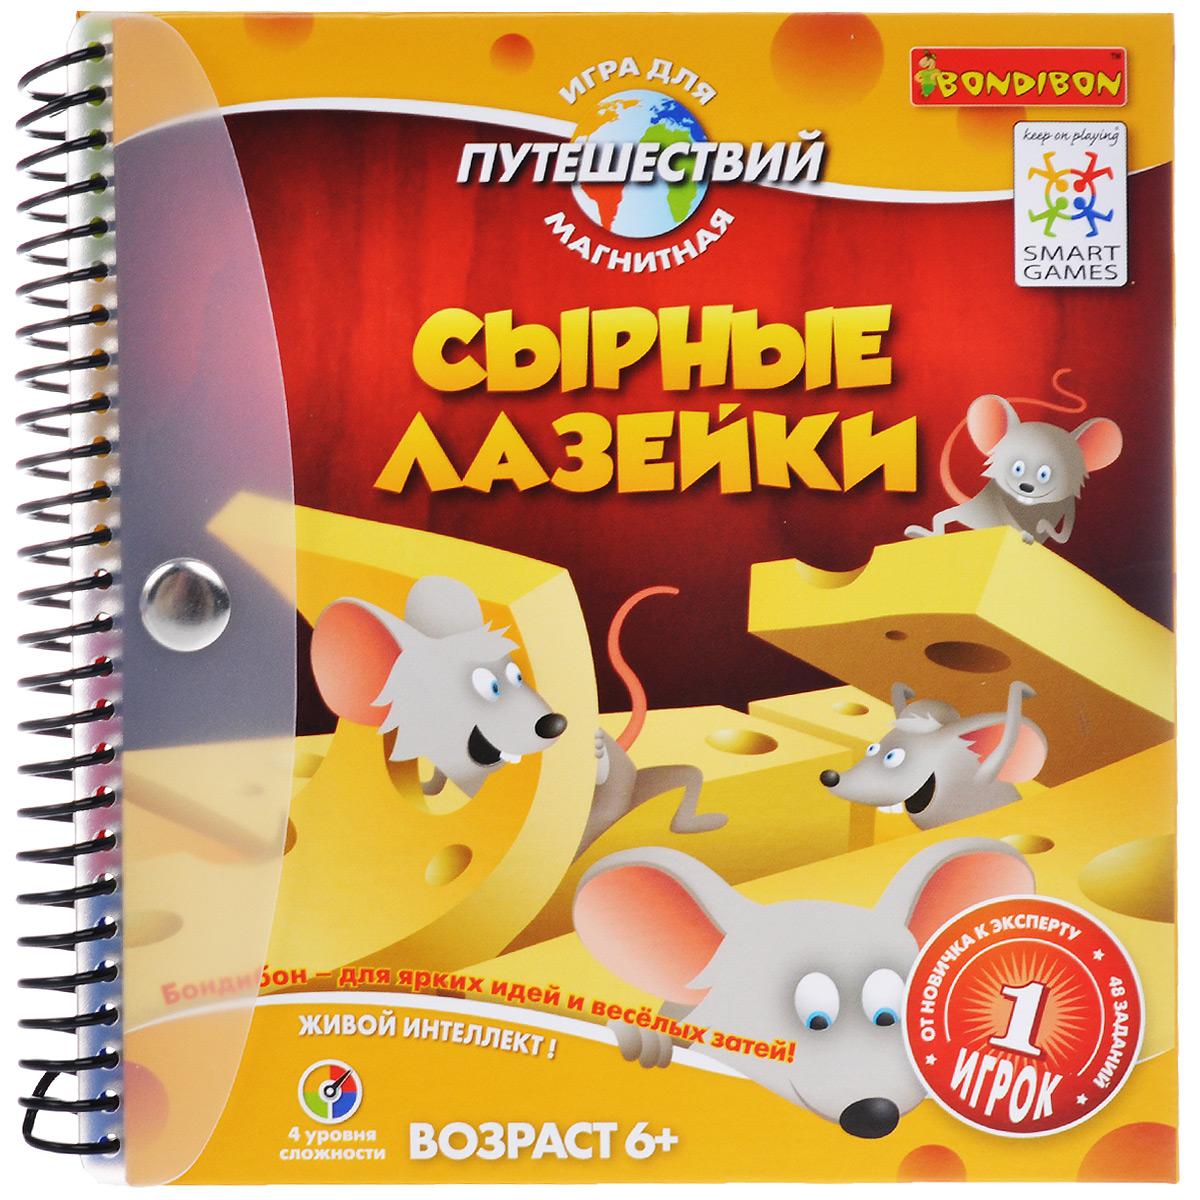 Bondibon Обучающая игра Сырные лазейки, Bondibon Creatures Co., LTD